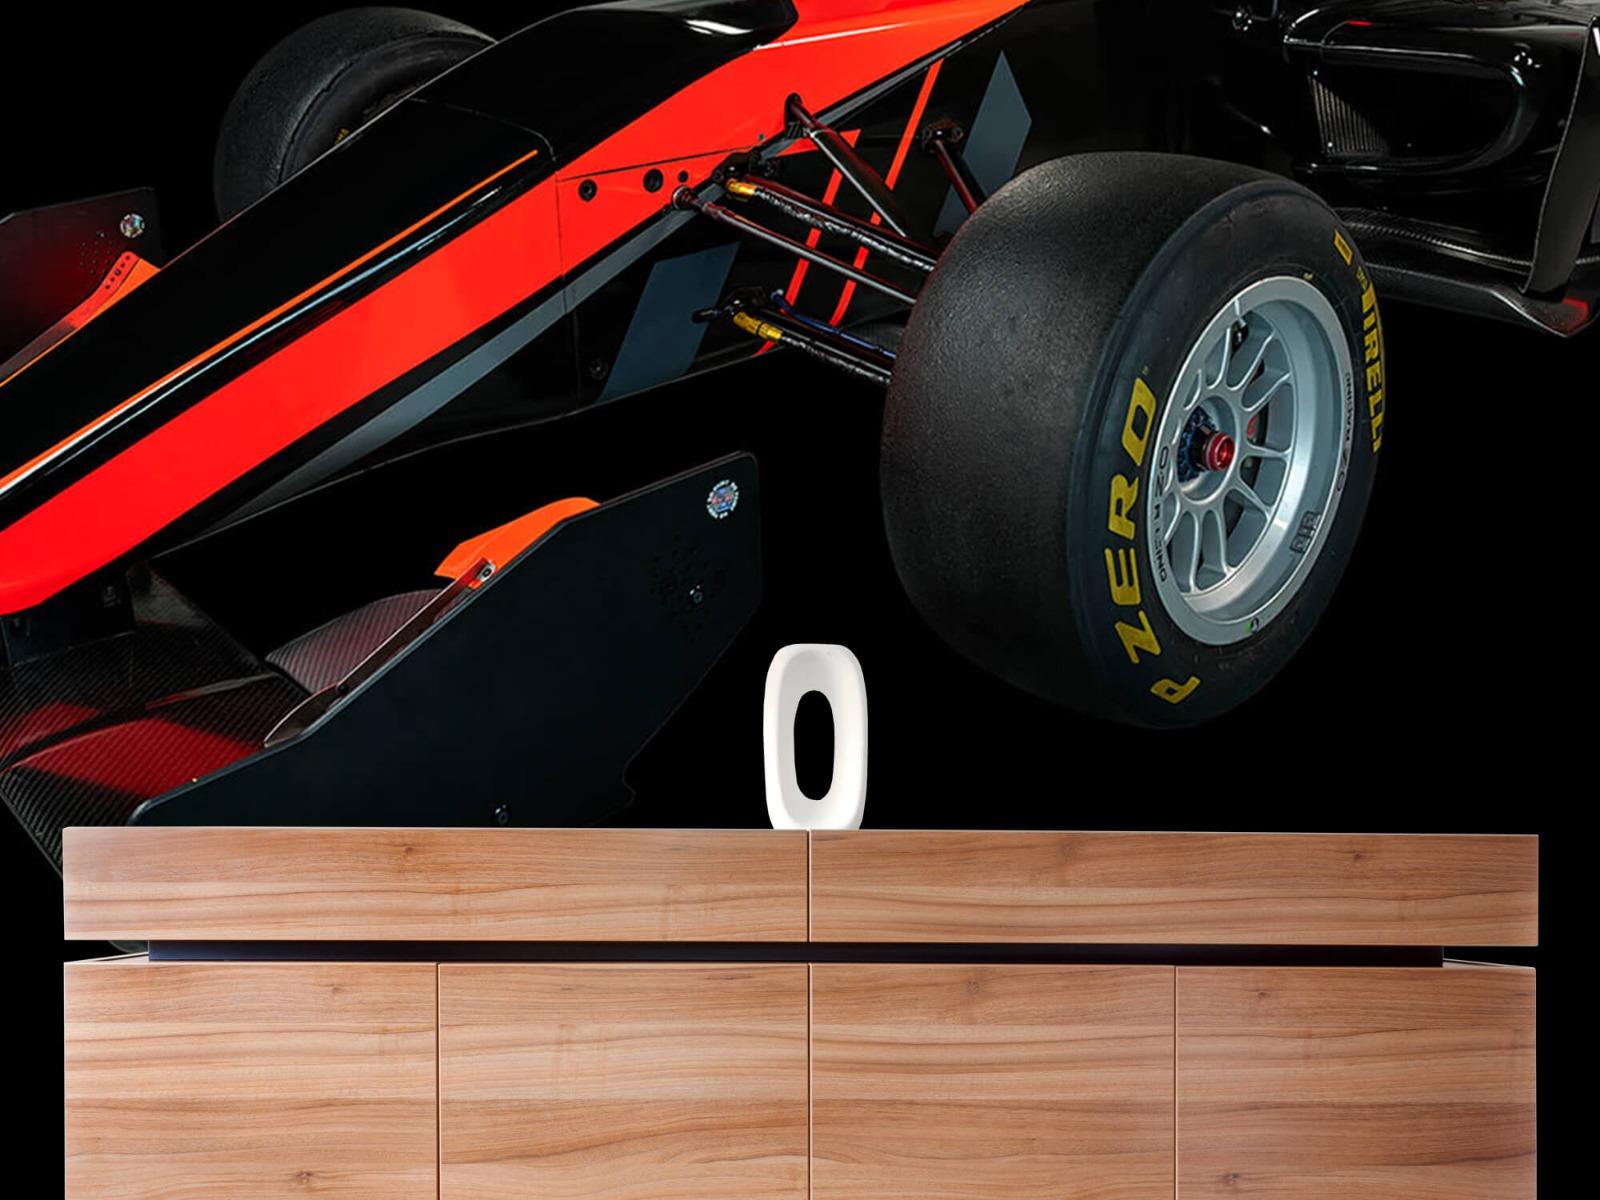 Sportauto's - Formule 3 - Left front view - dark - Vergaderruimte 20